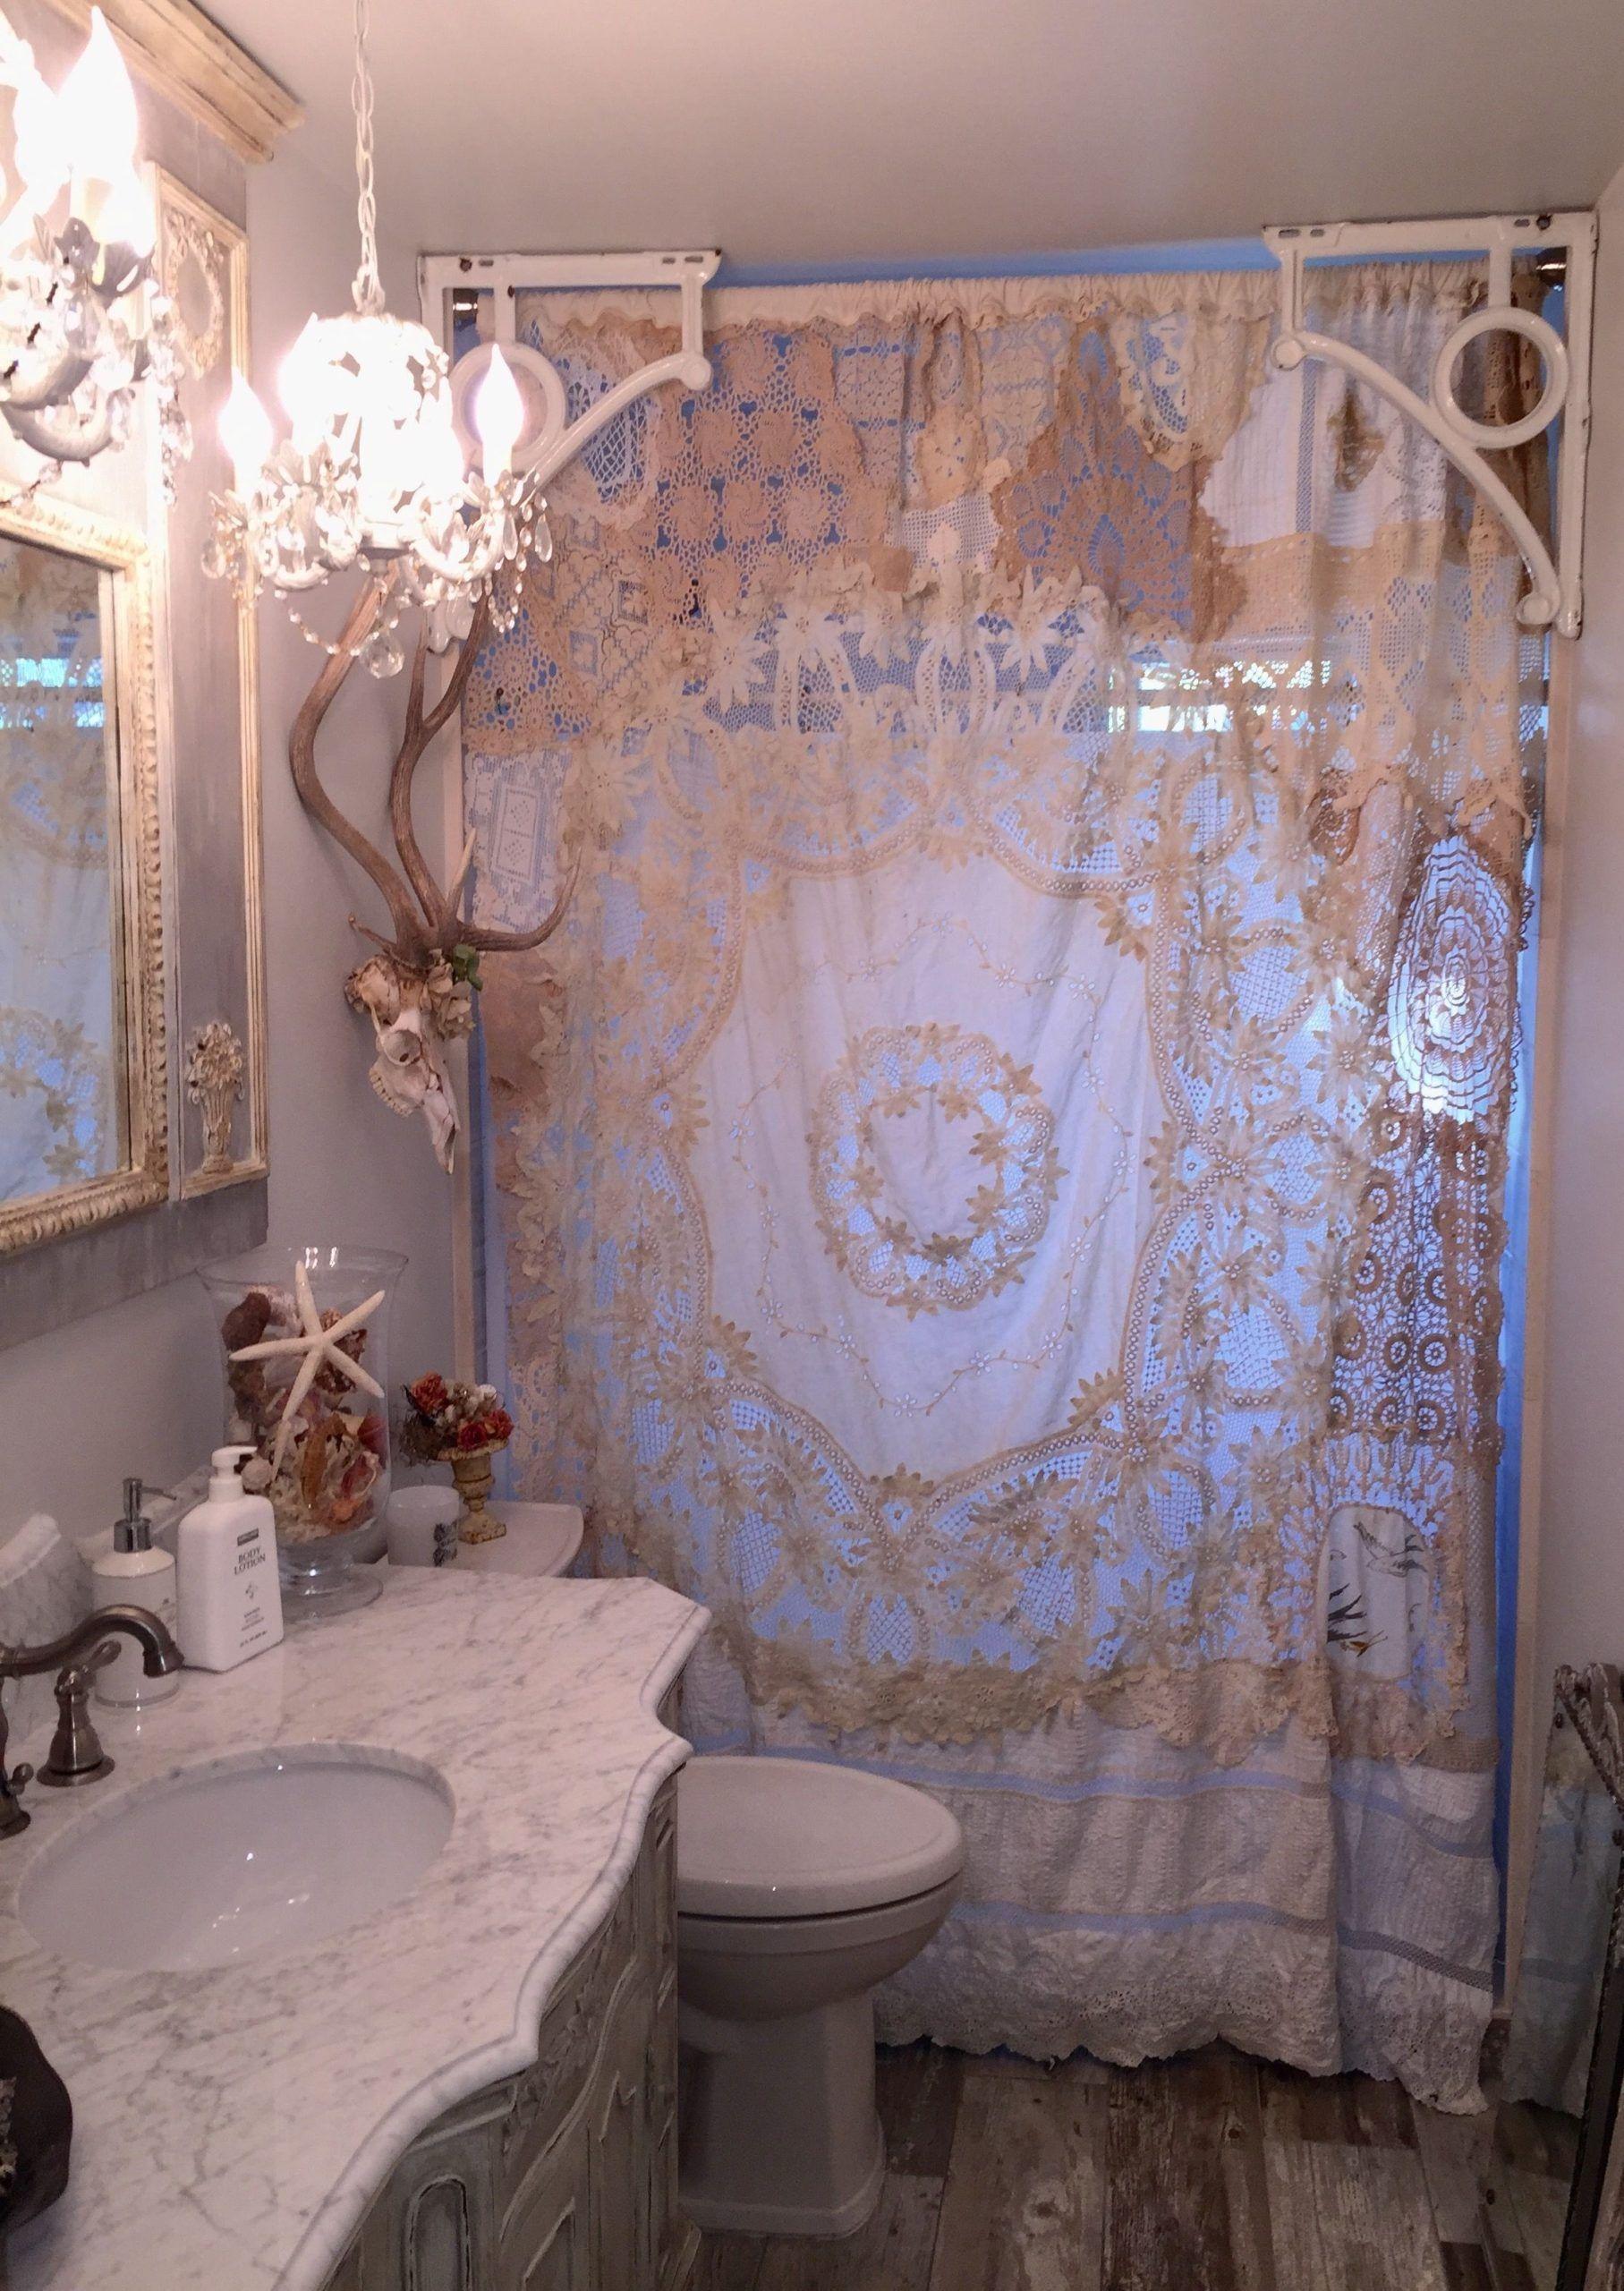 41 Badezimmer Dekor Vintage Shabby Chic Duschvorhange Silahsilah Com In 2020 Shabby Chic Shower Curtain Shabby Chic Bathroom Shabby Chic Shower